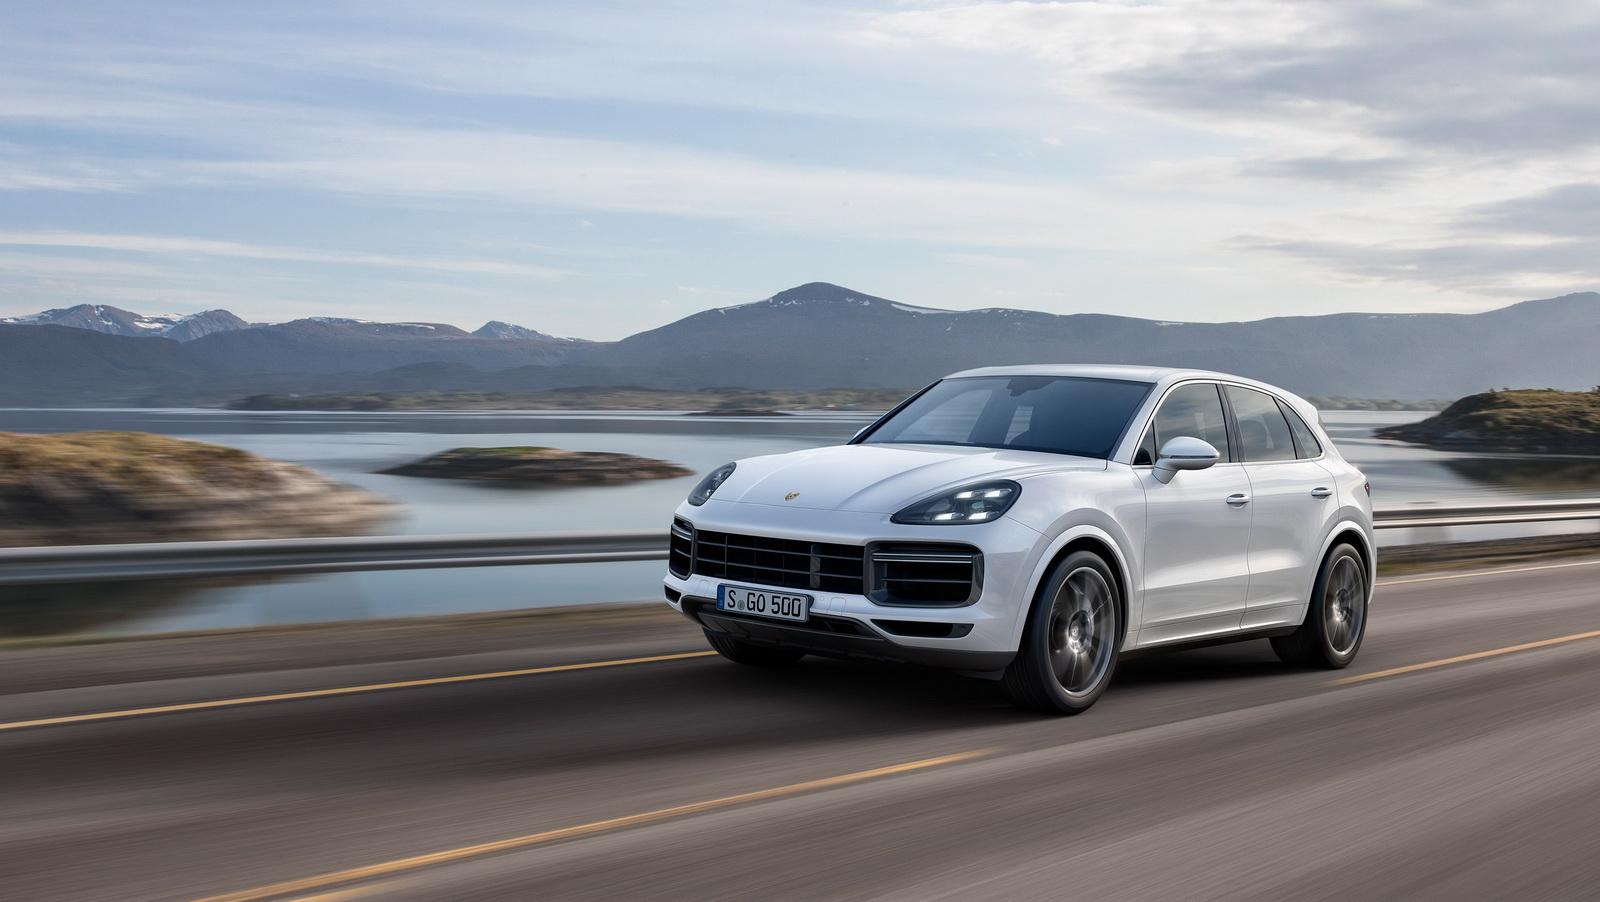 2018_Porsche_Cayenne_Turbo_02